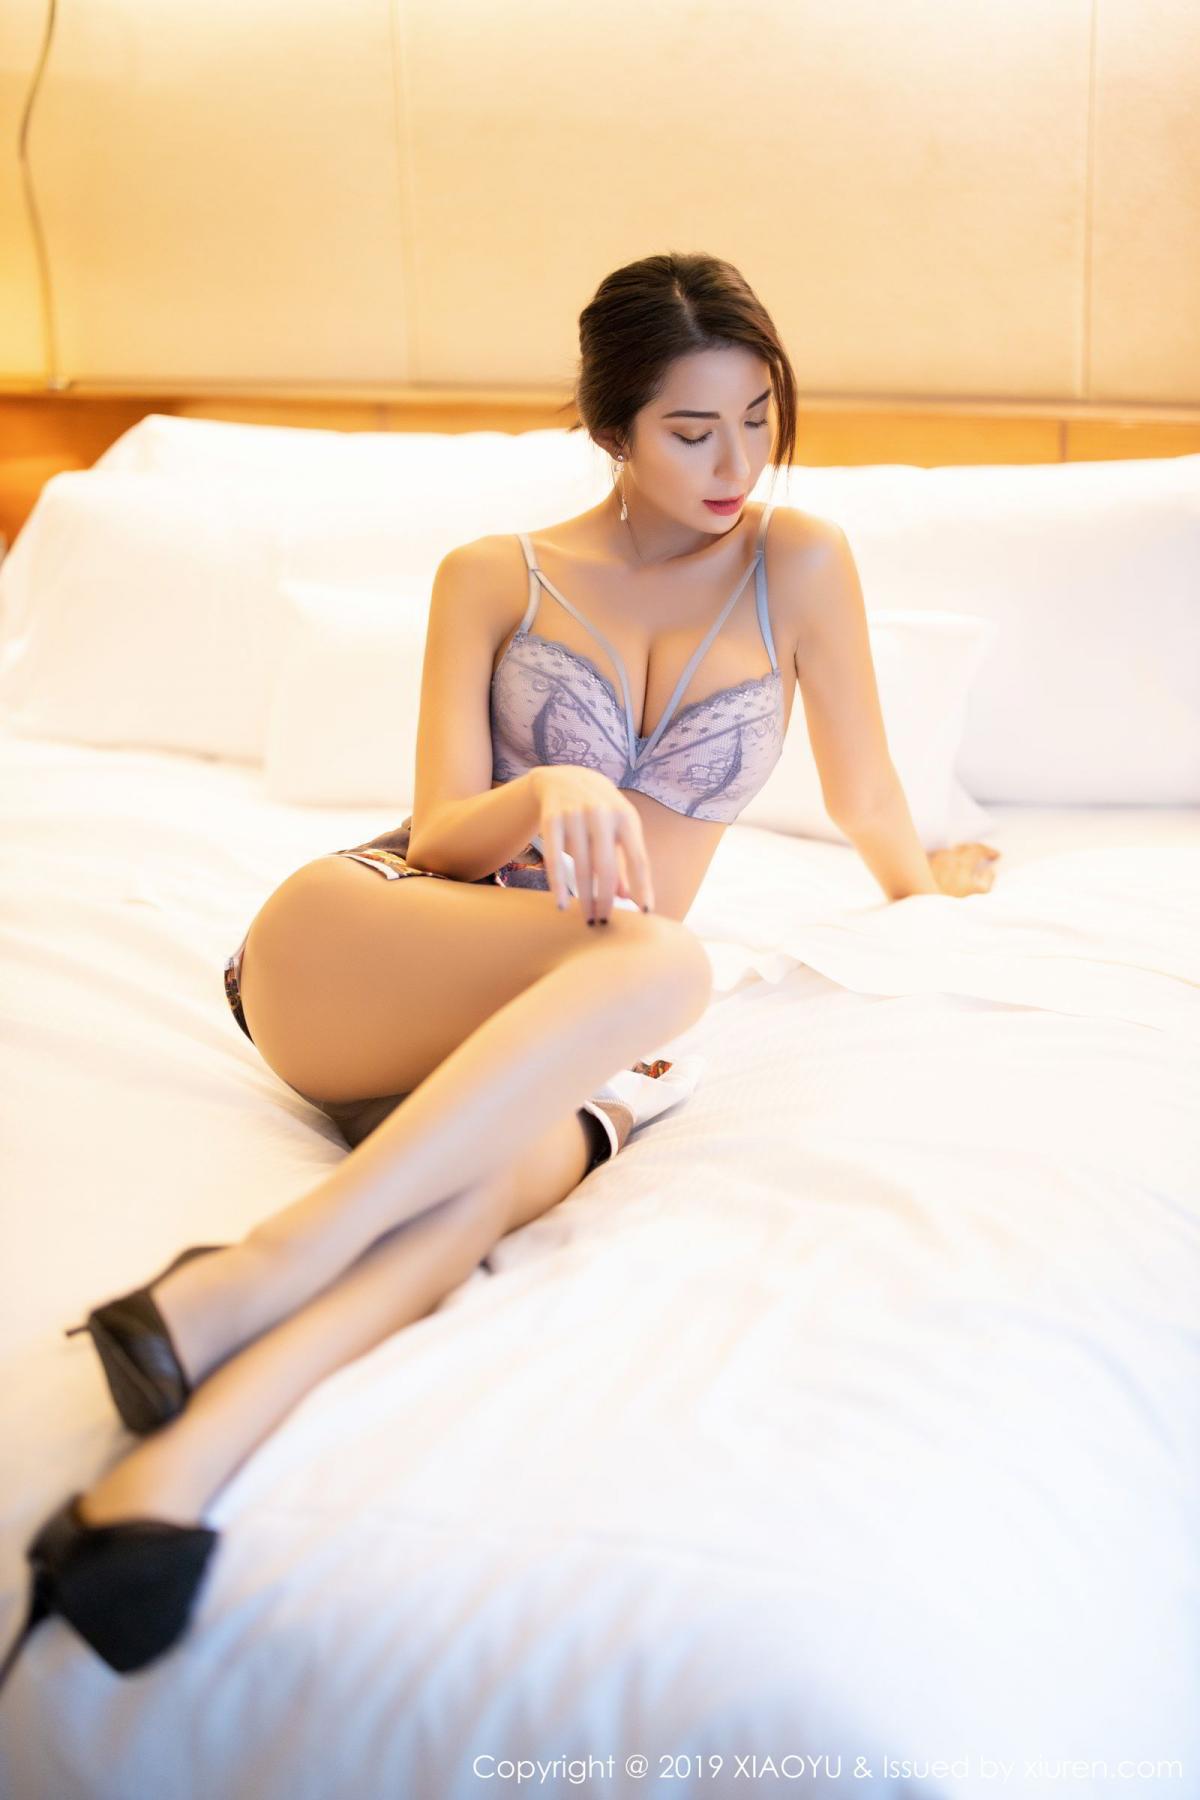 [XiaoYu] Vol.196 Chen Liang Ling 59P, Chen Liang Ling, Cheongsam, Temperament, Underwear, XiaoYu